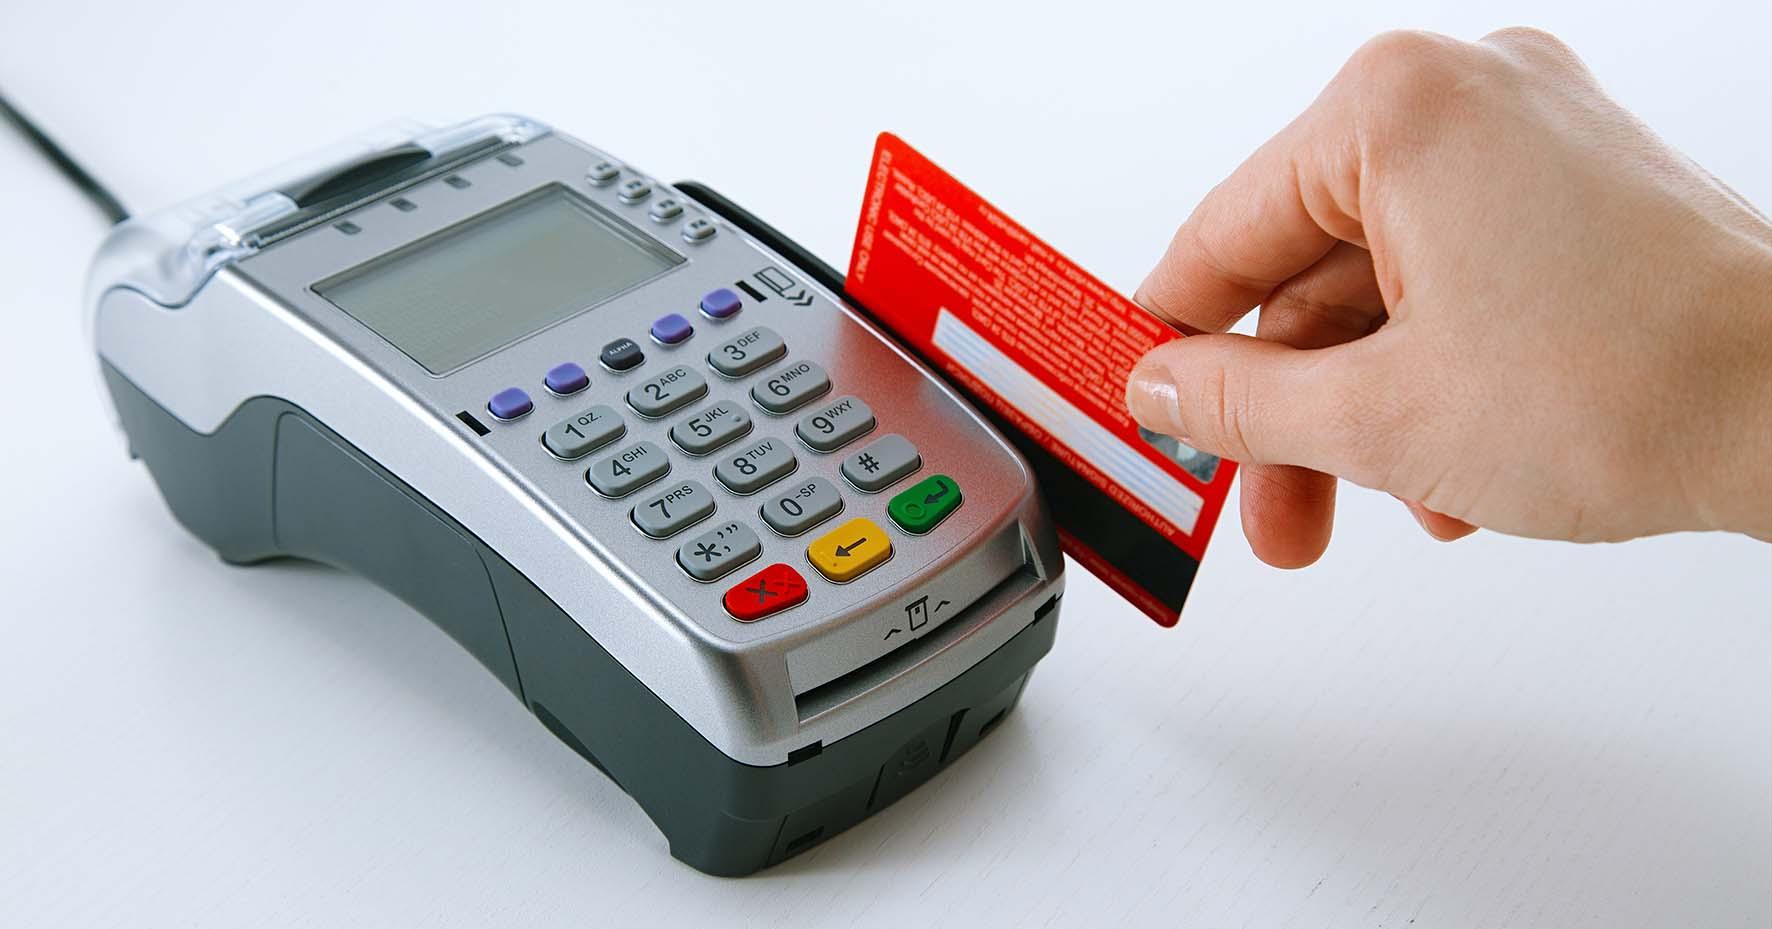 terminale pos carta di credito bancomat pagamento elettronico